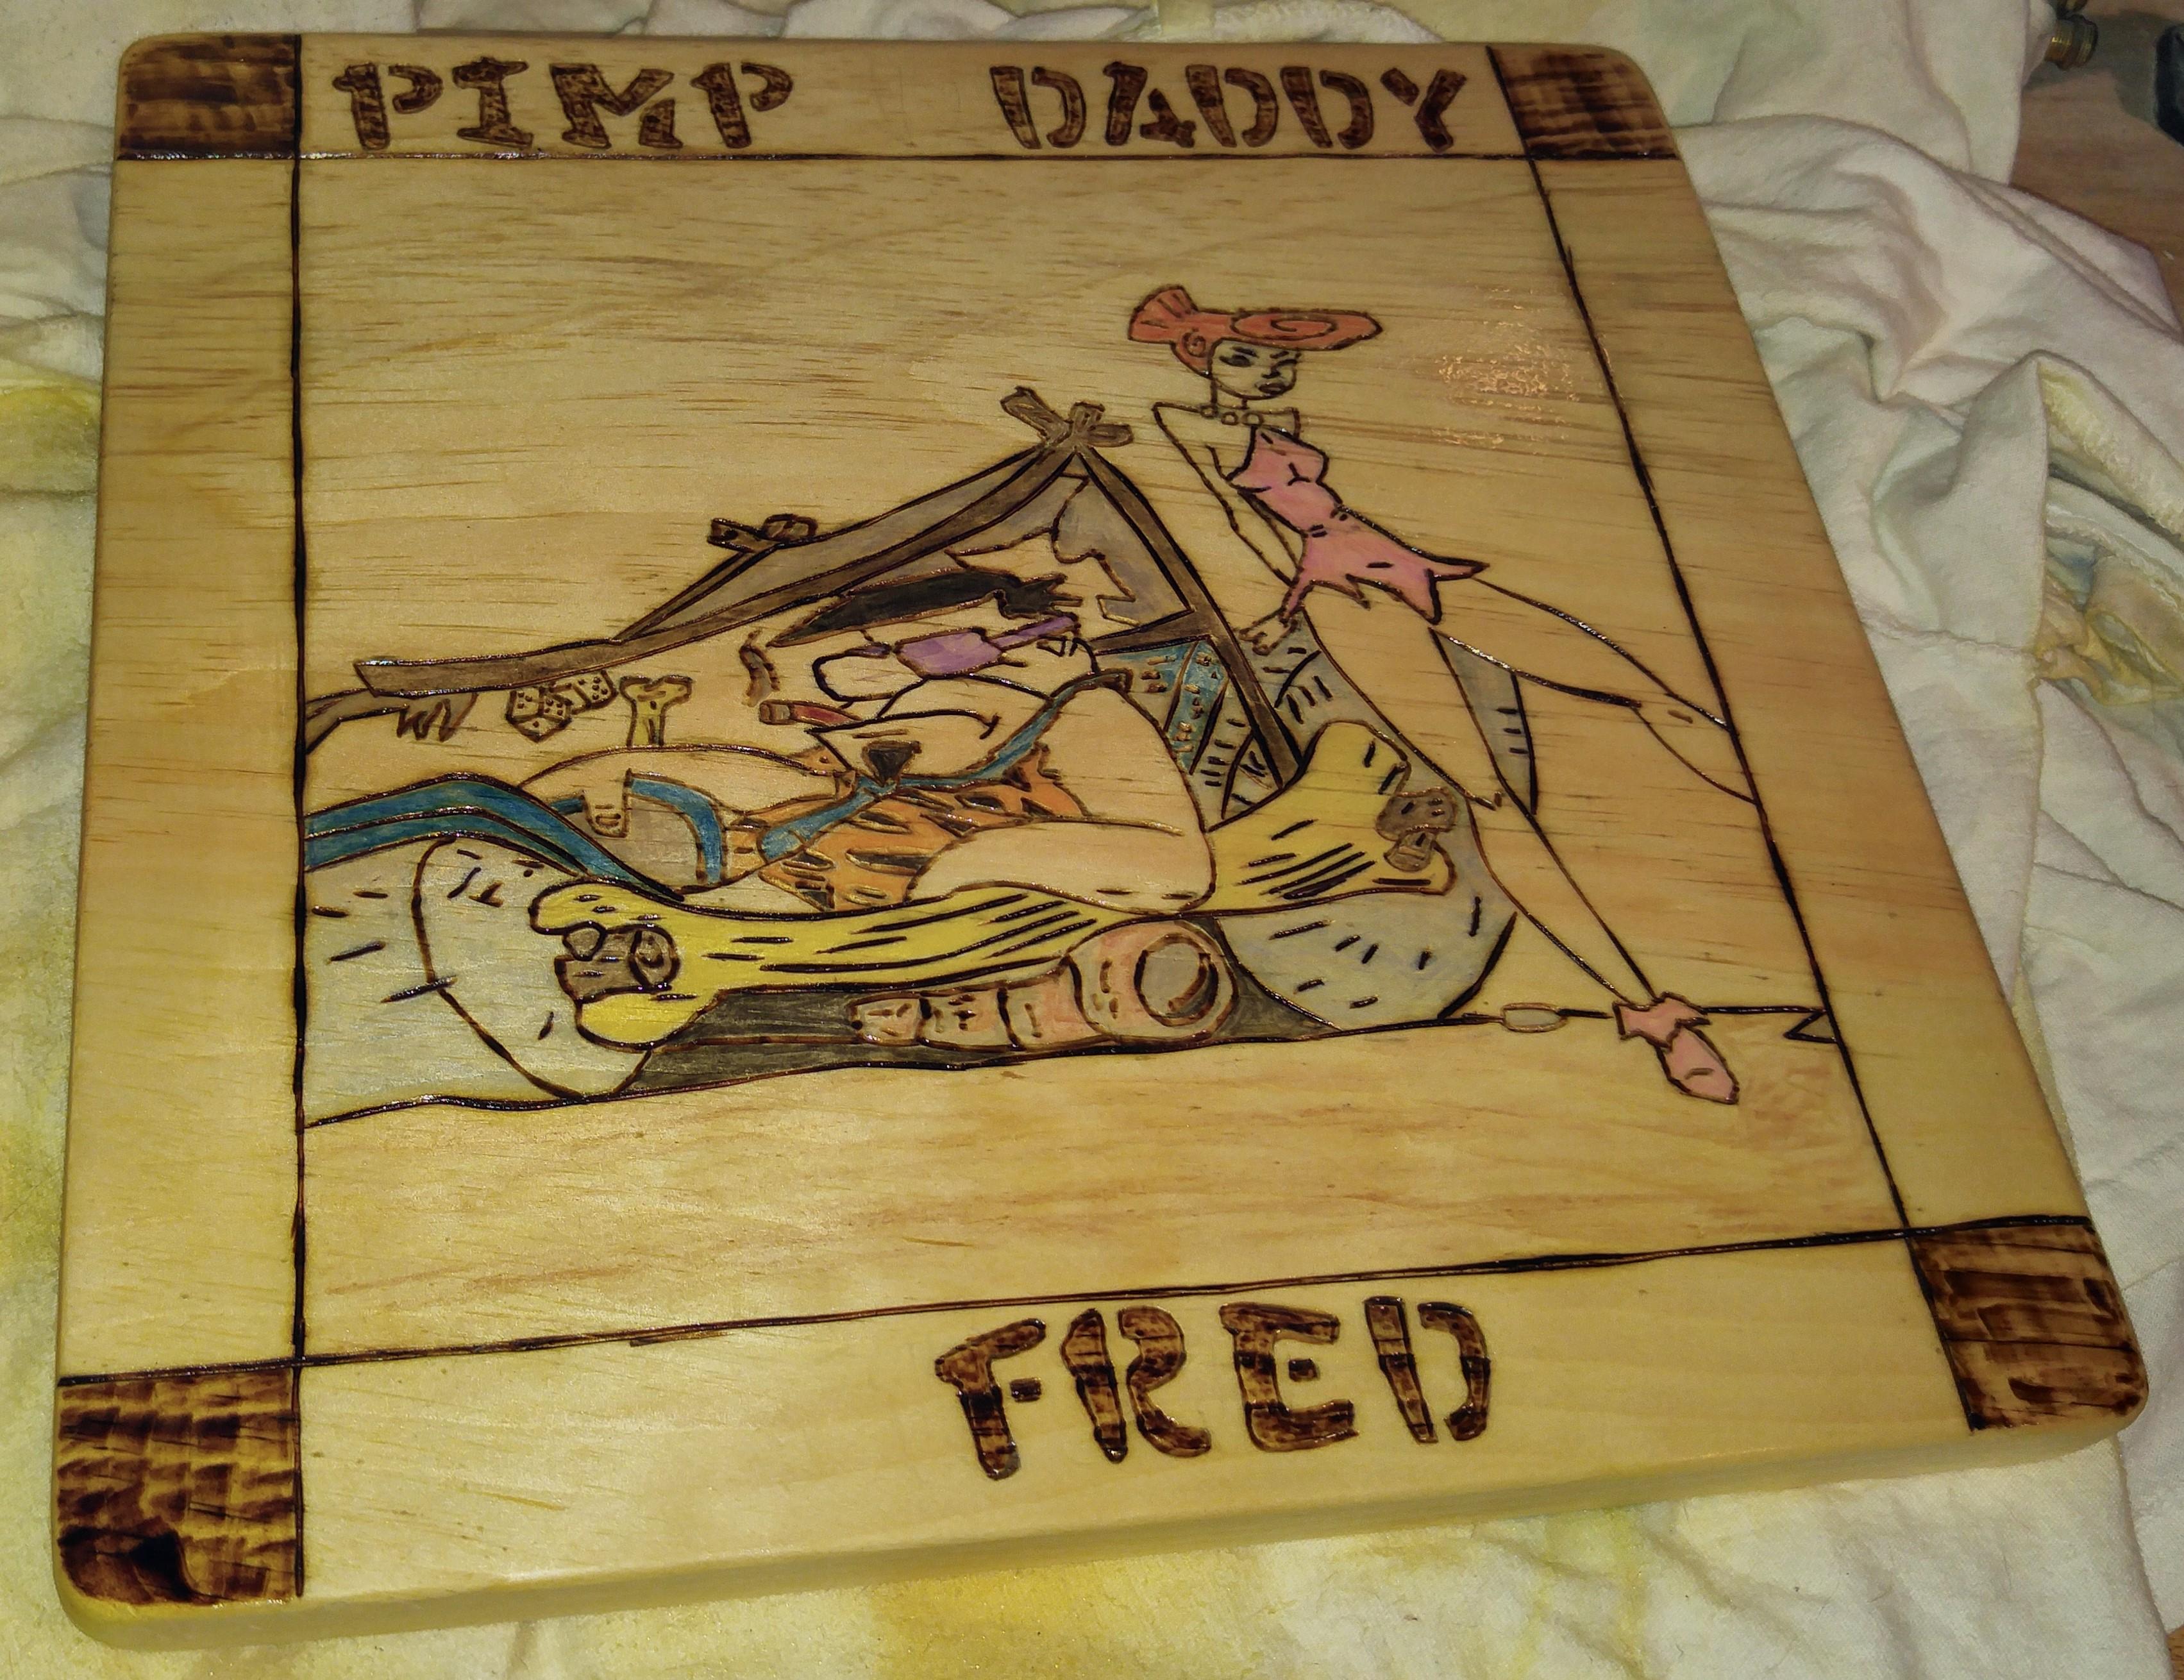 Pimp Daddy Fred